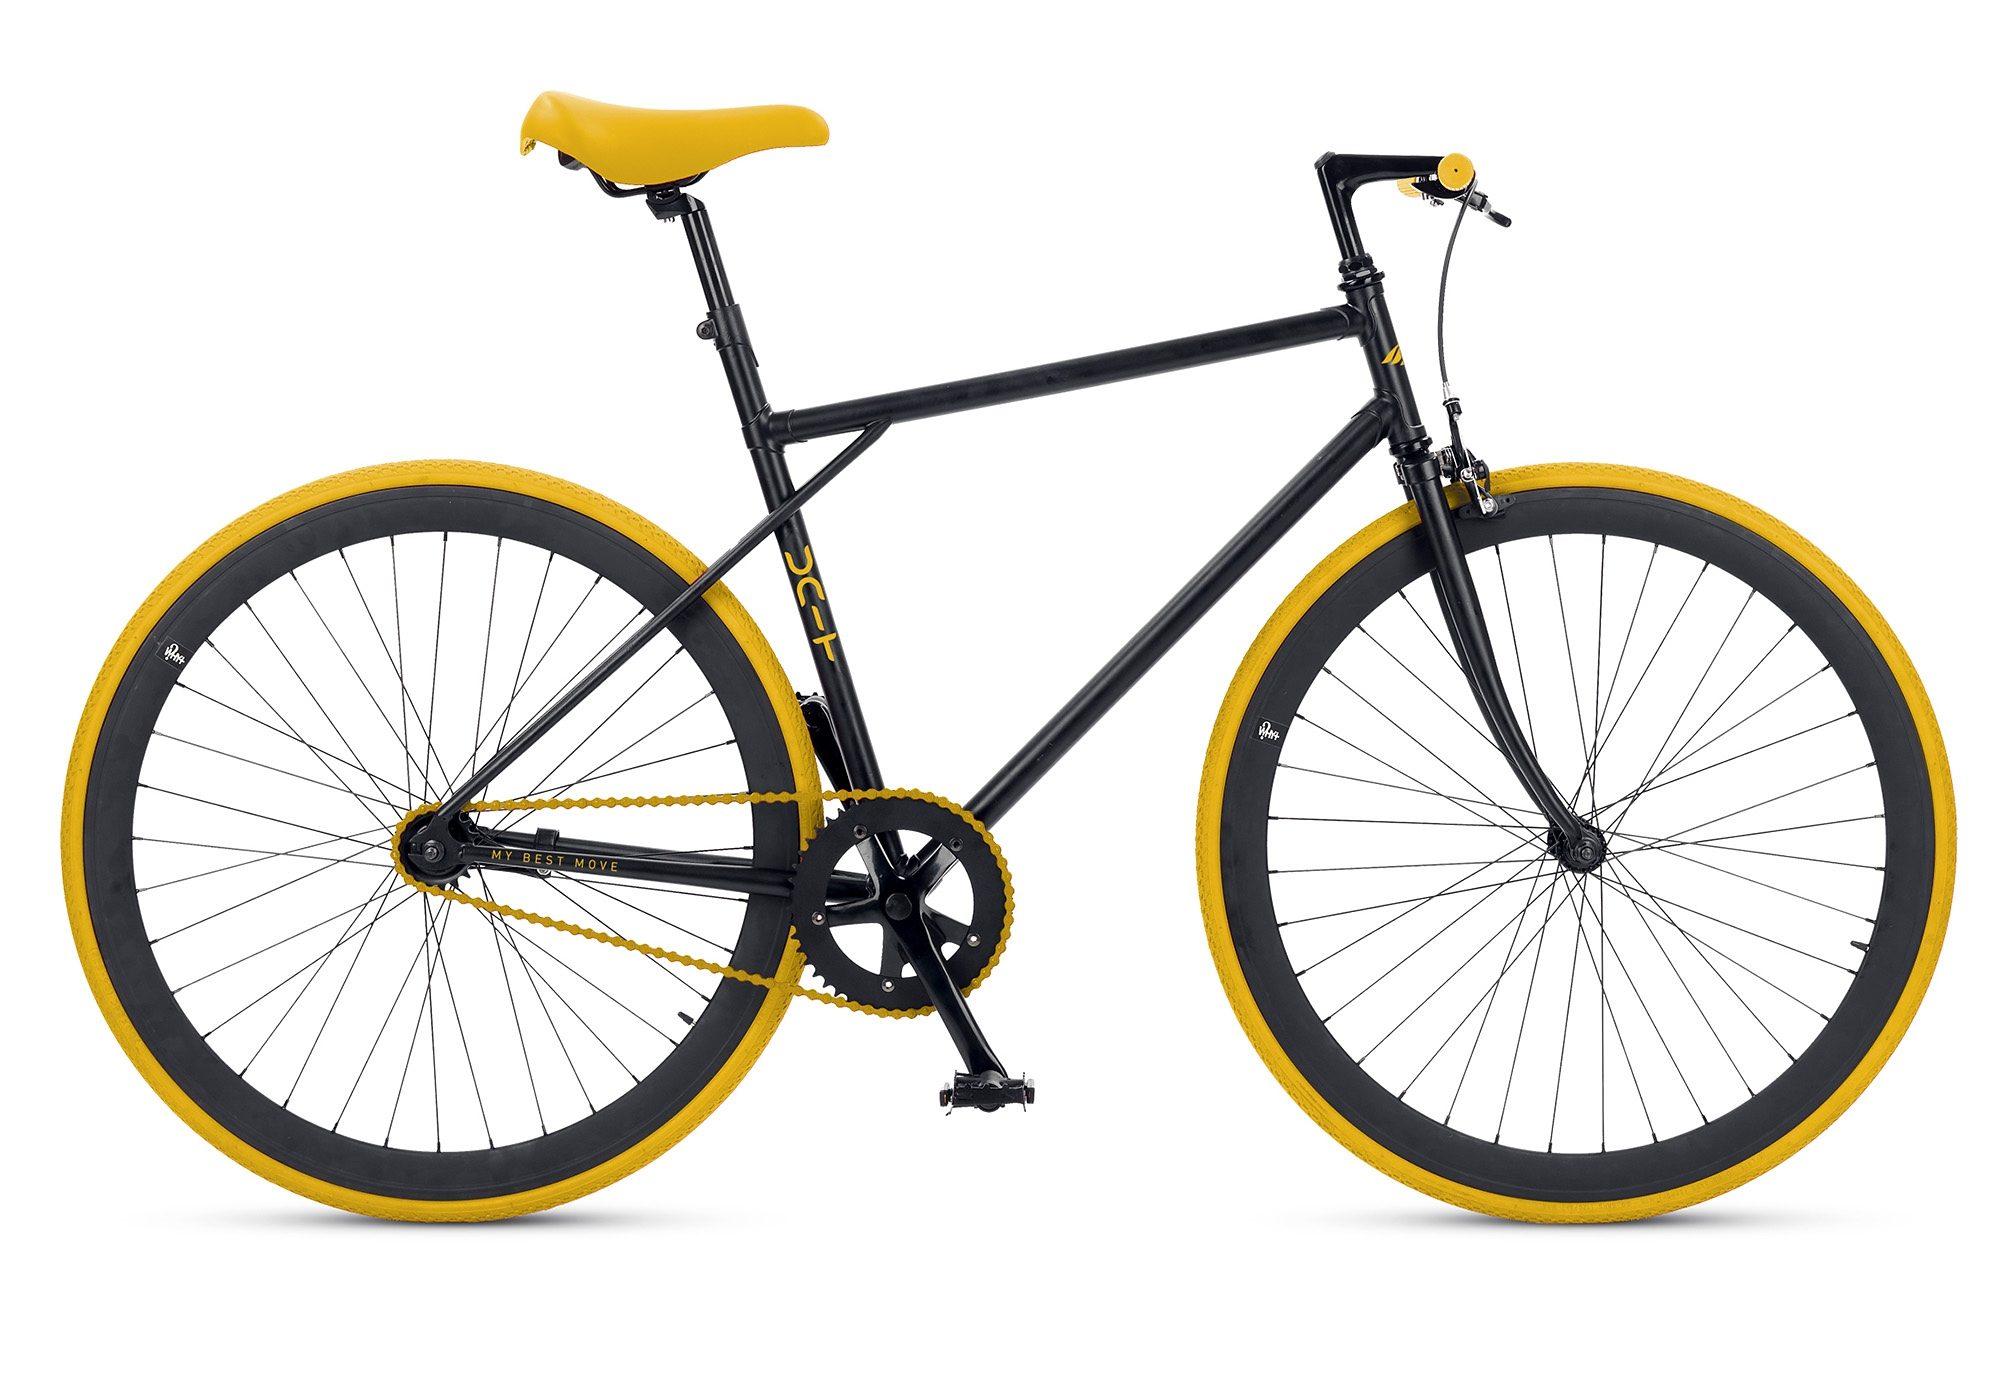 MBM Fitnessbike »Unit 581 Coaster Brake 1 S«, 1 Gang